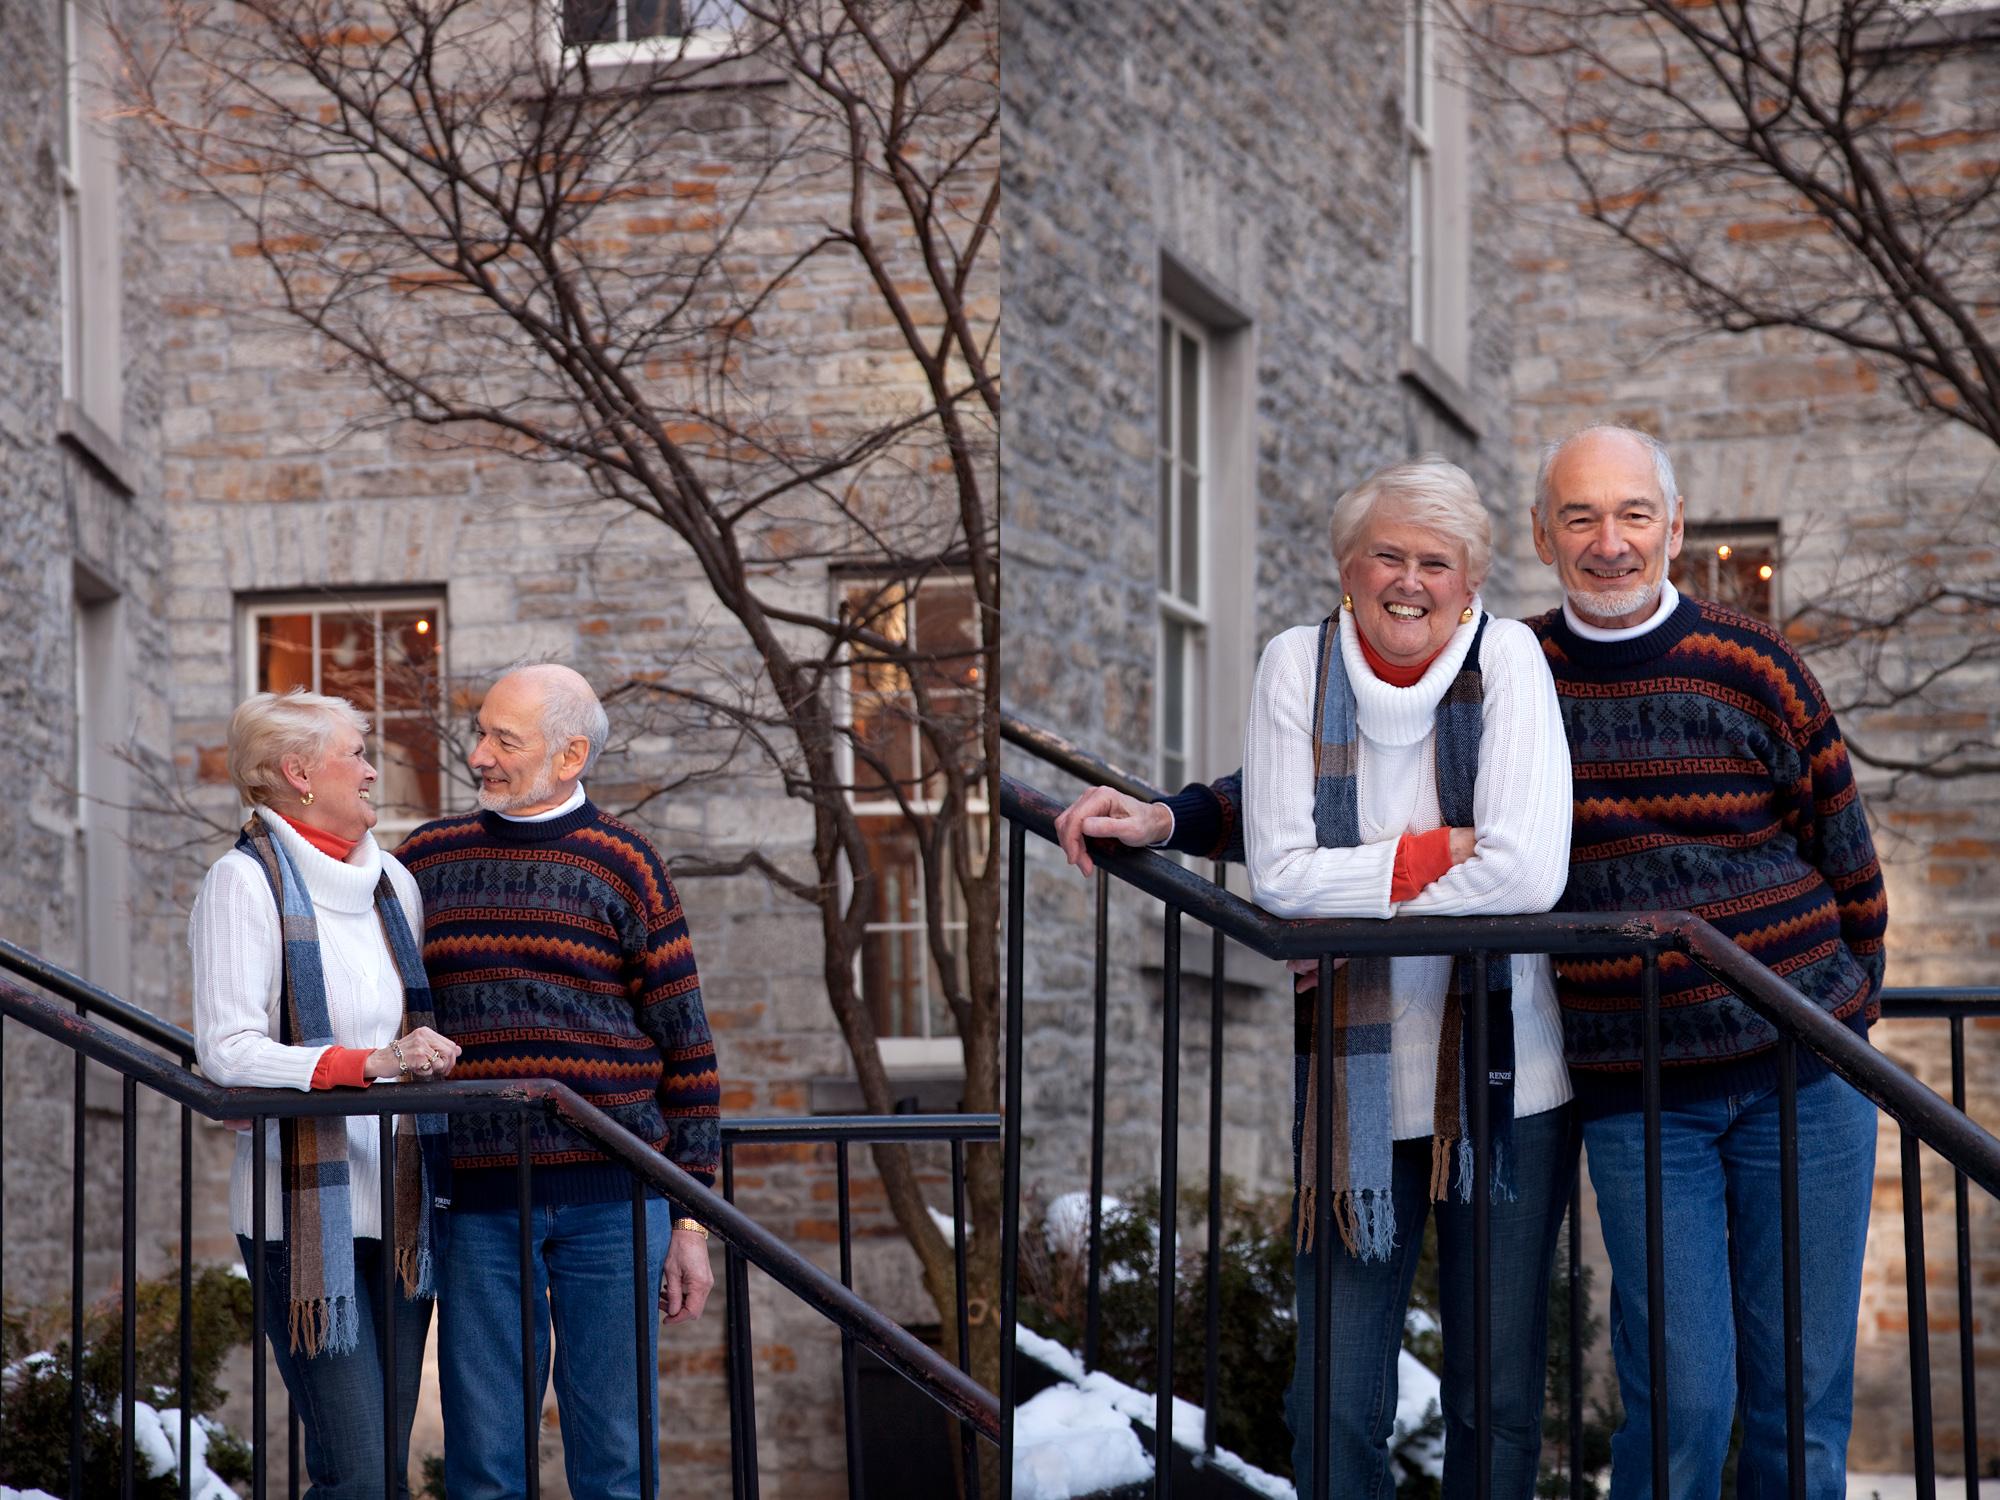 Ottawa travel portraits